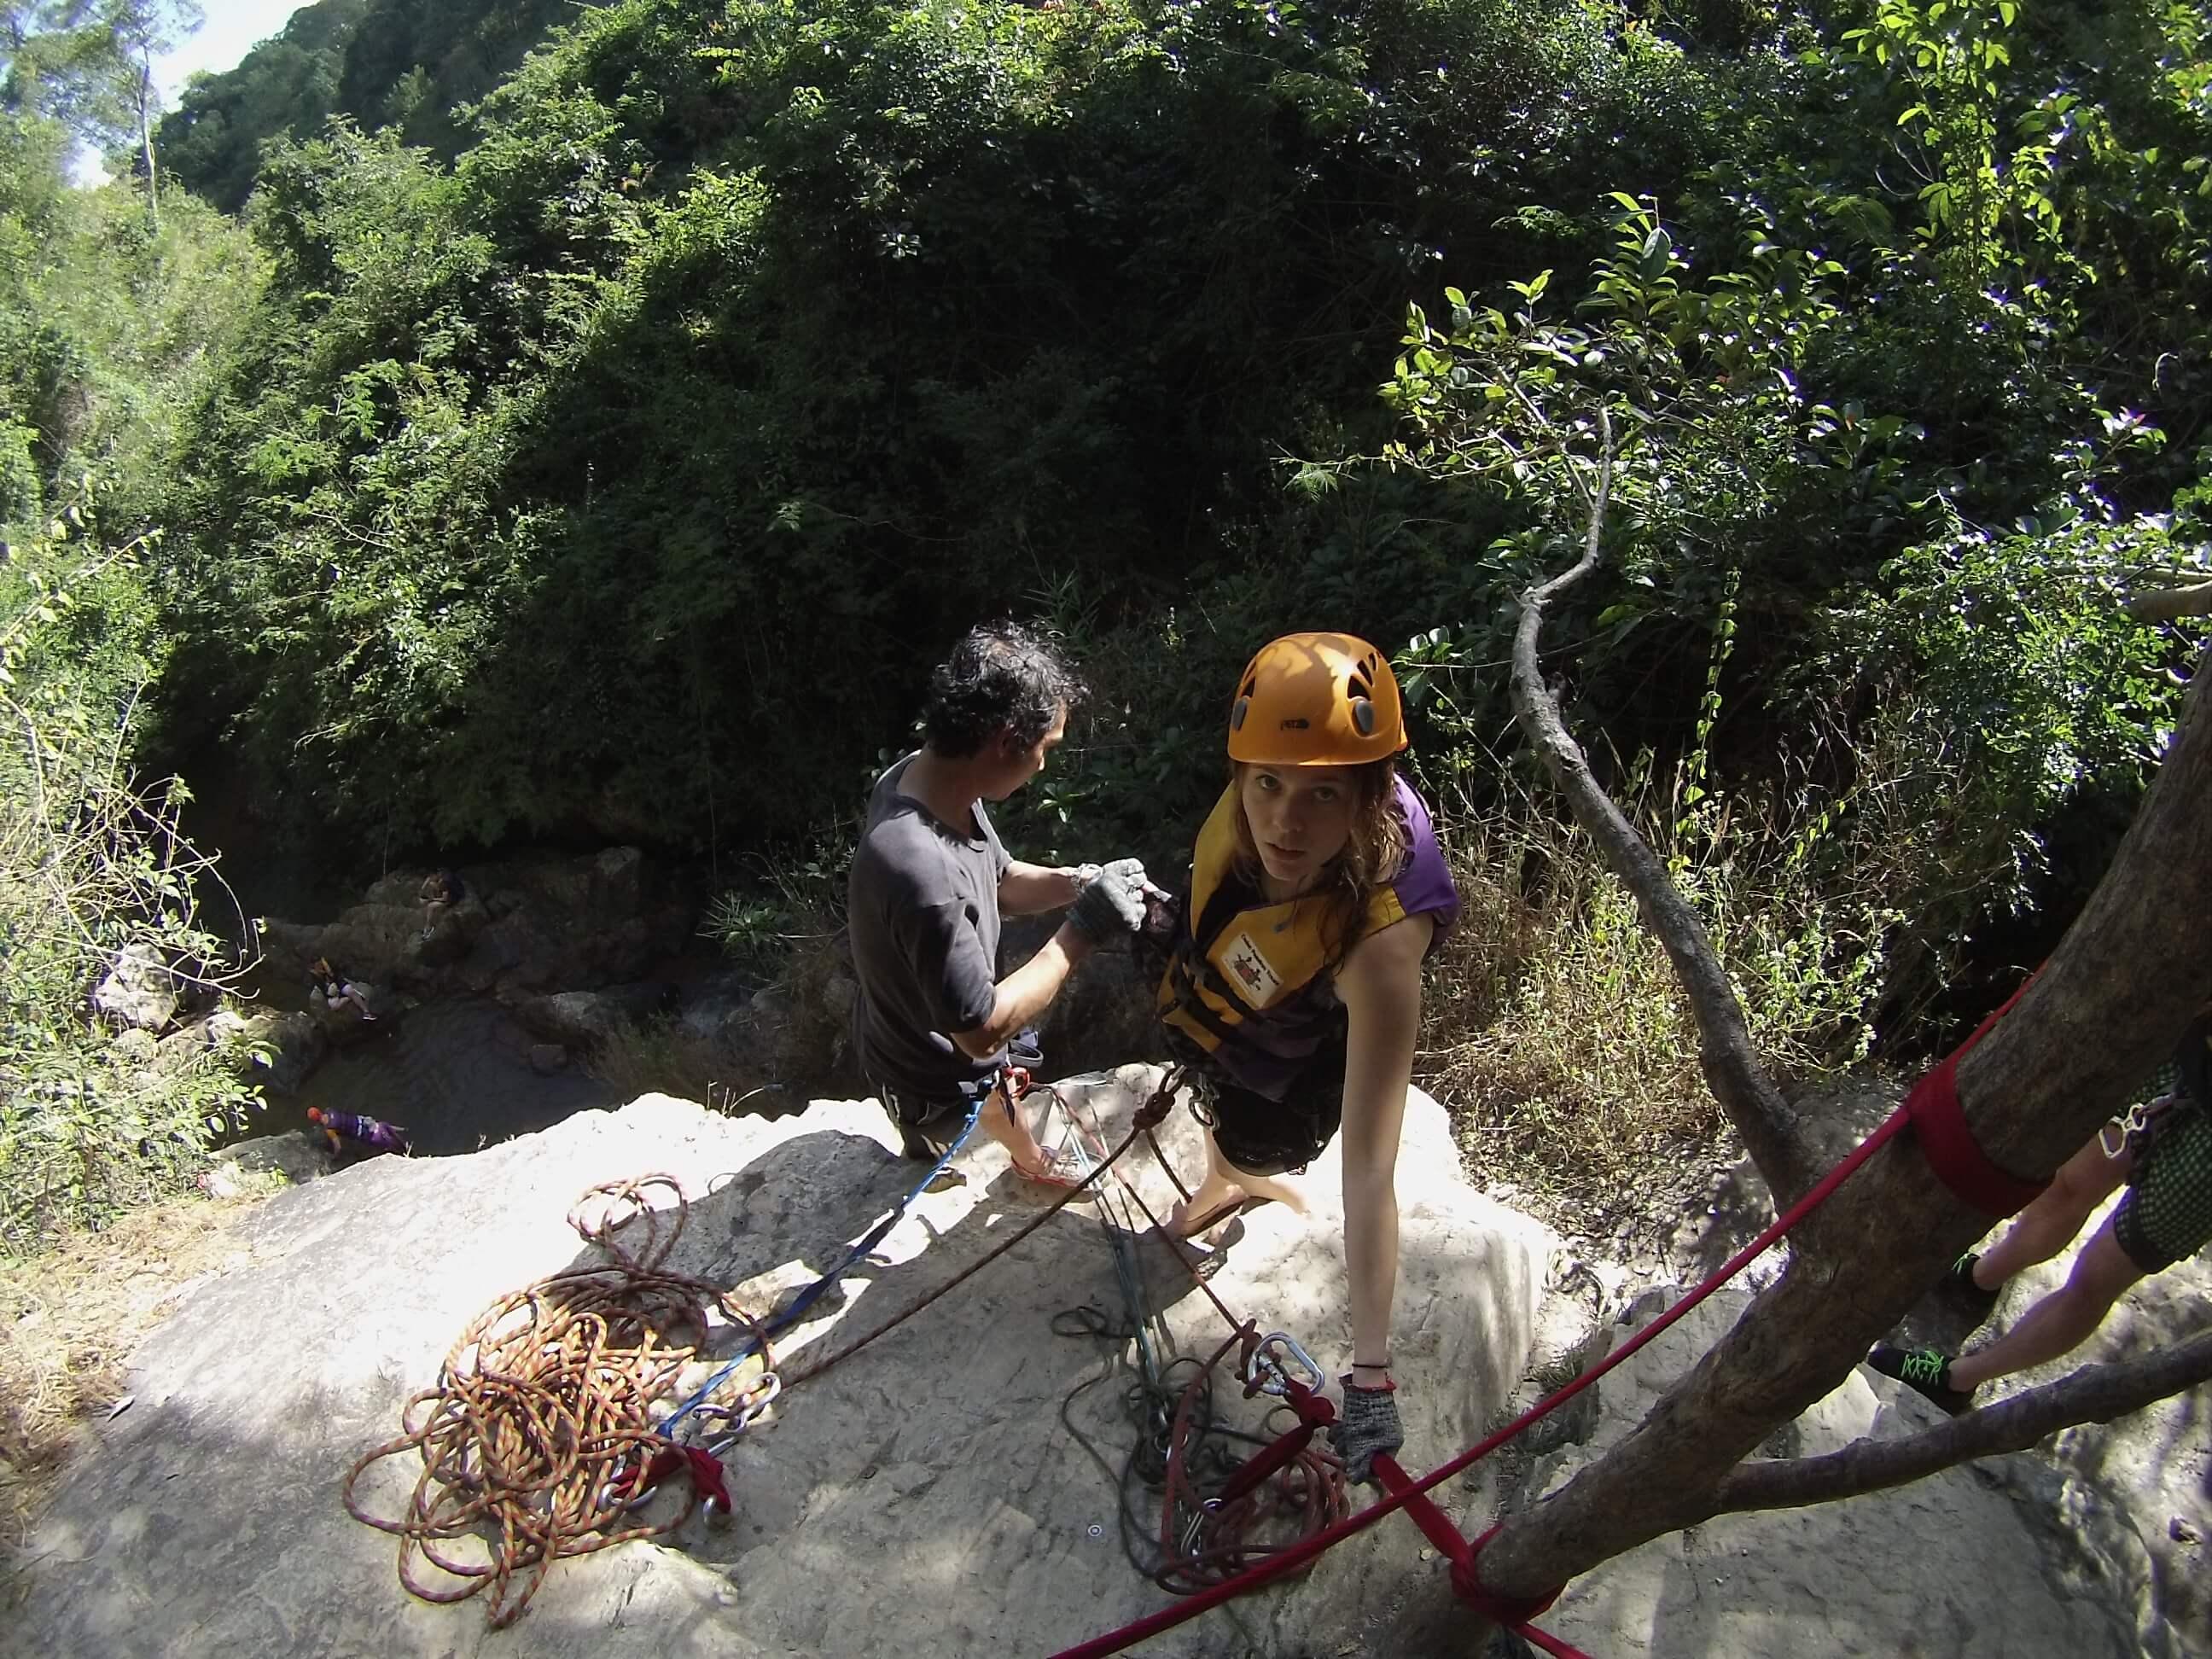 Wycieczka po wodospadach - canyoning - wietnam - wywczas